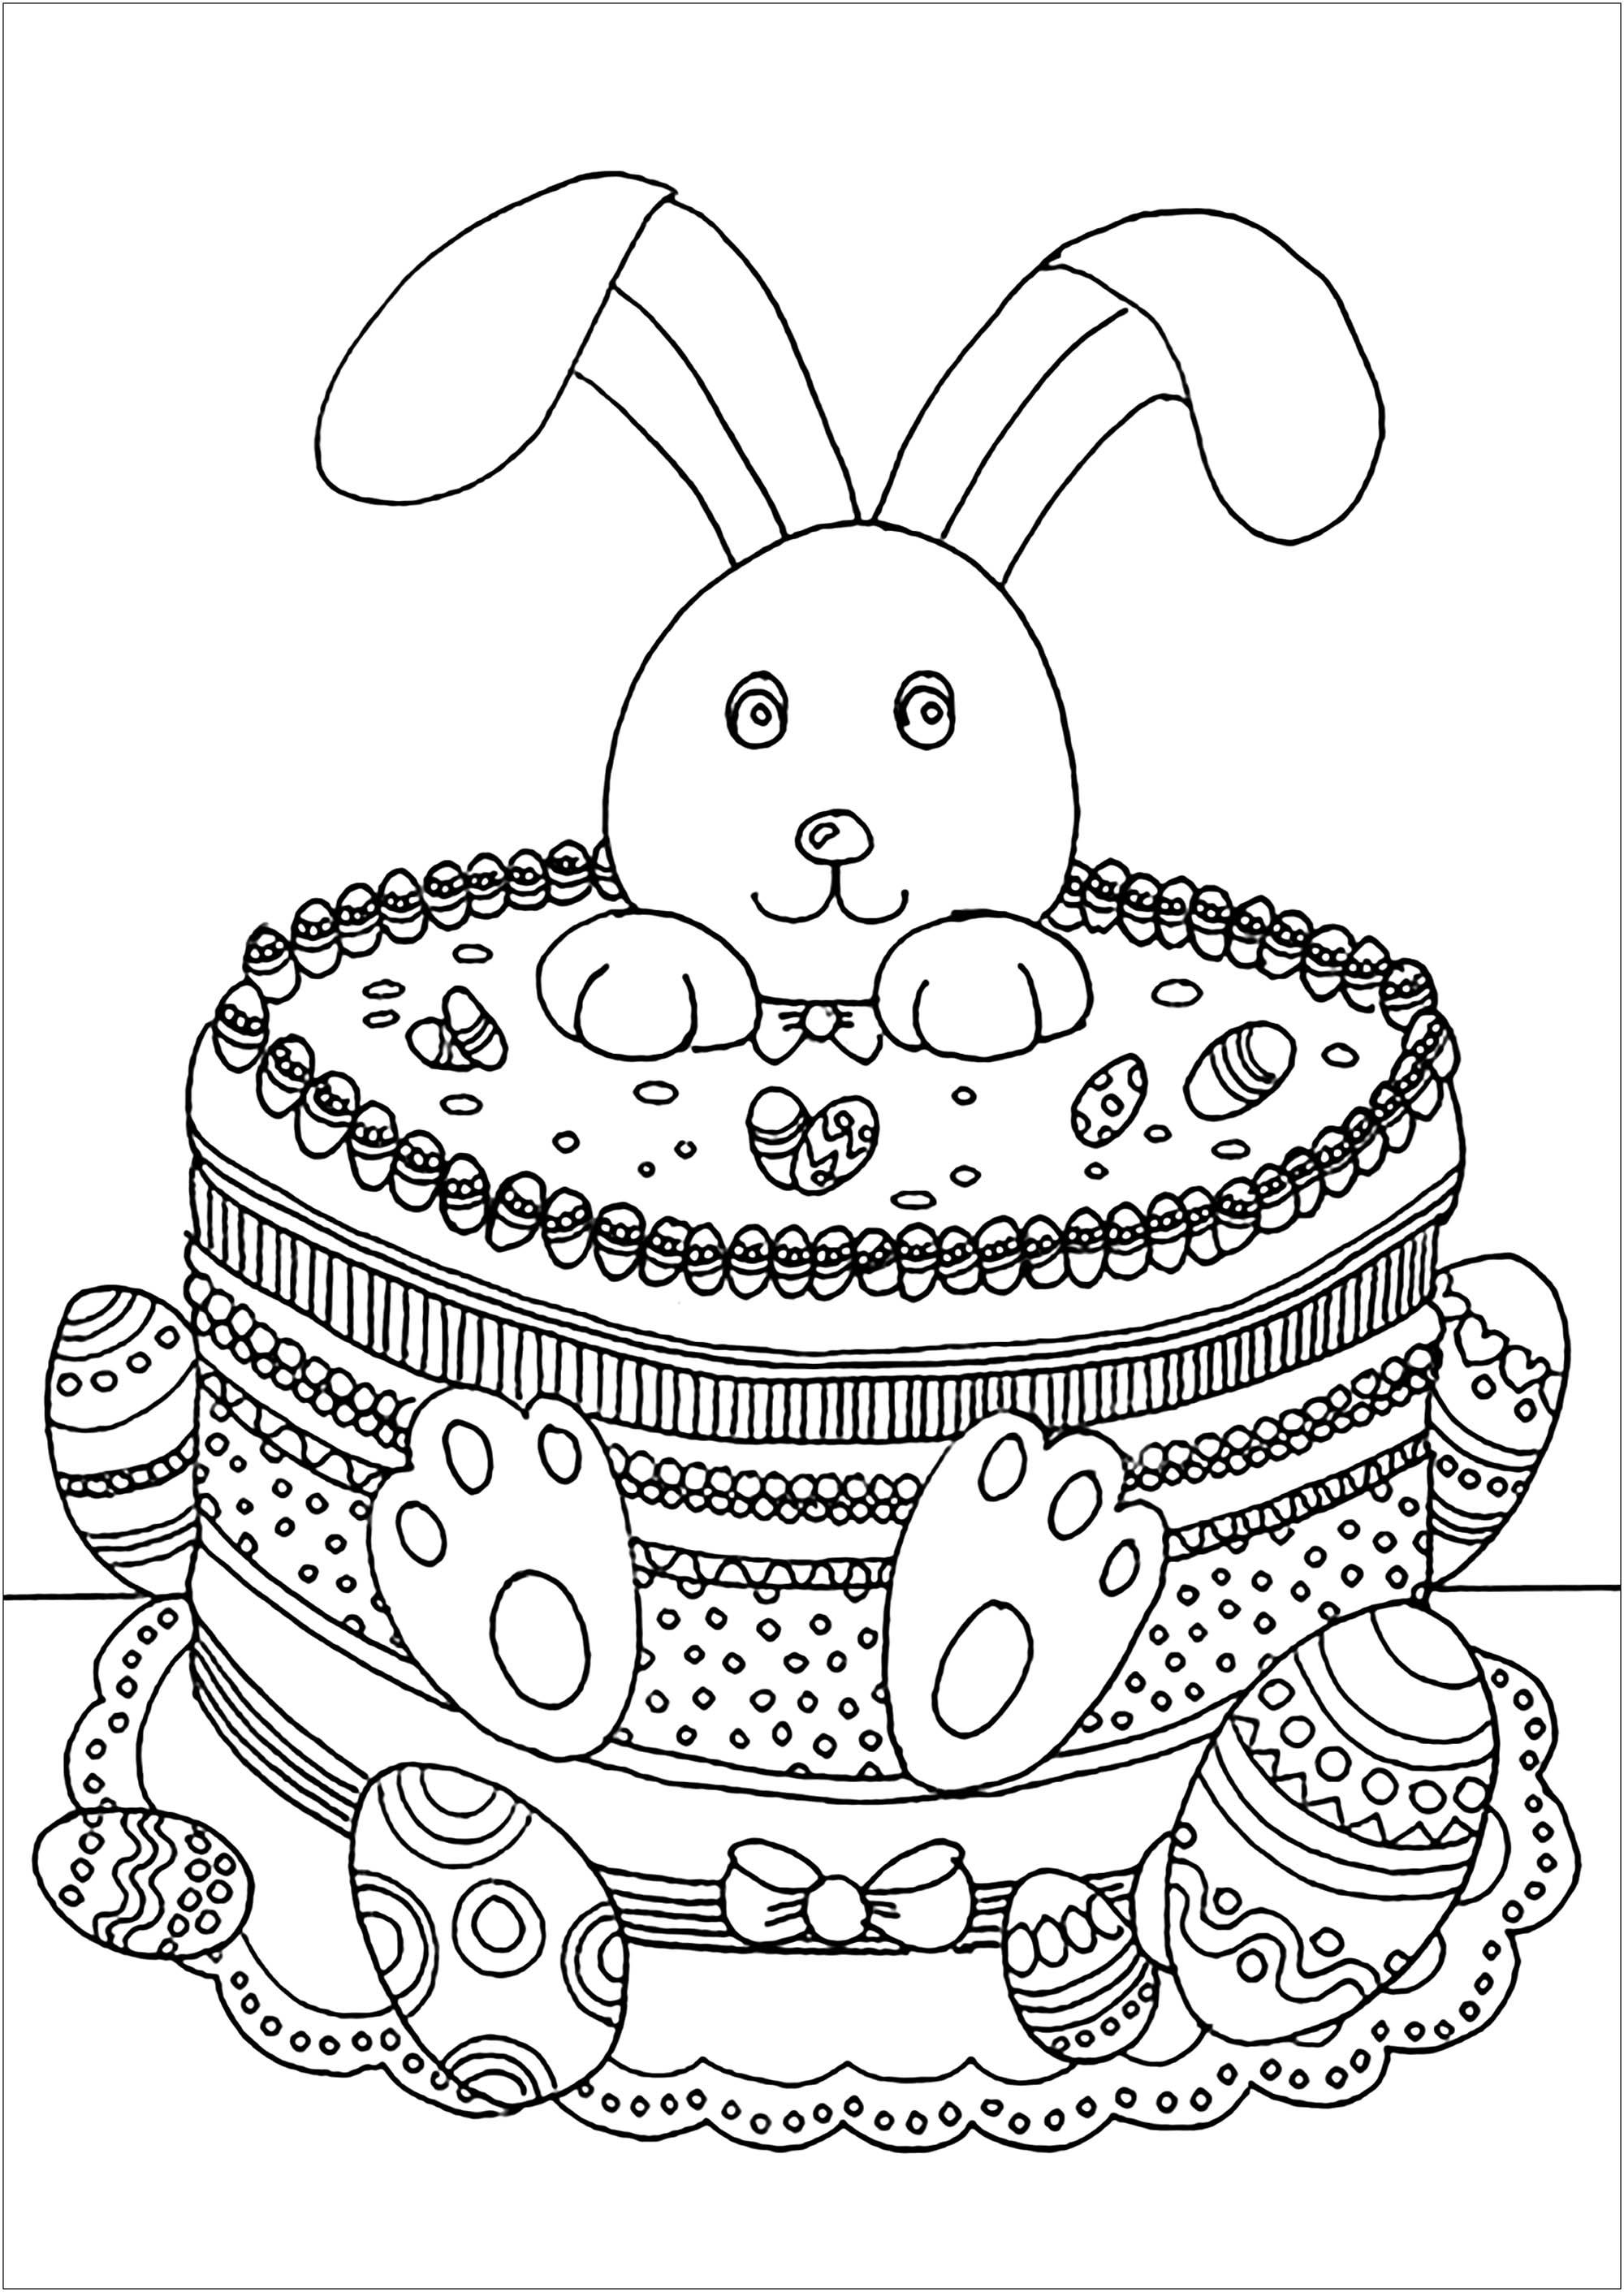 Coloriage sympa de Pâques à imprimer et colorier